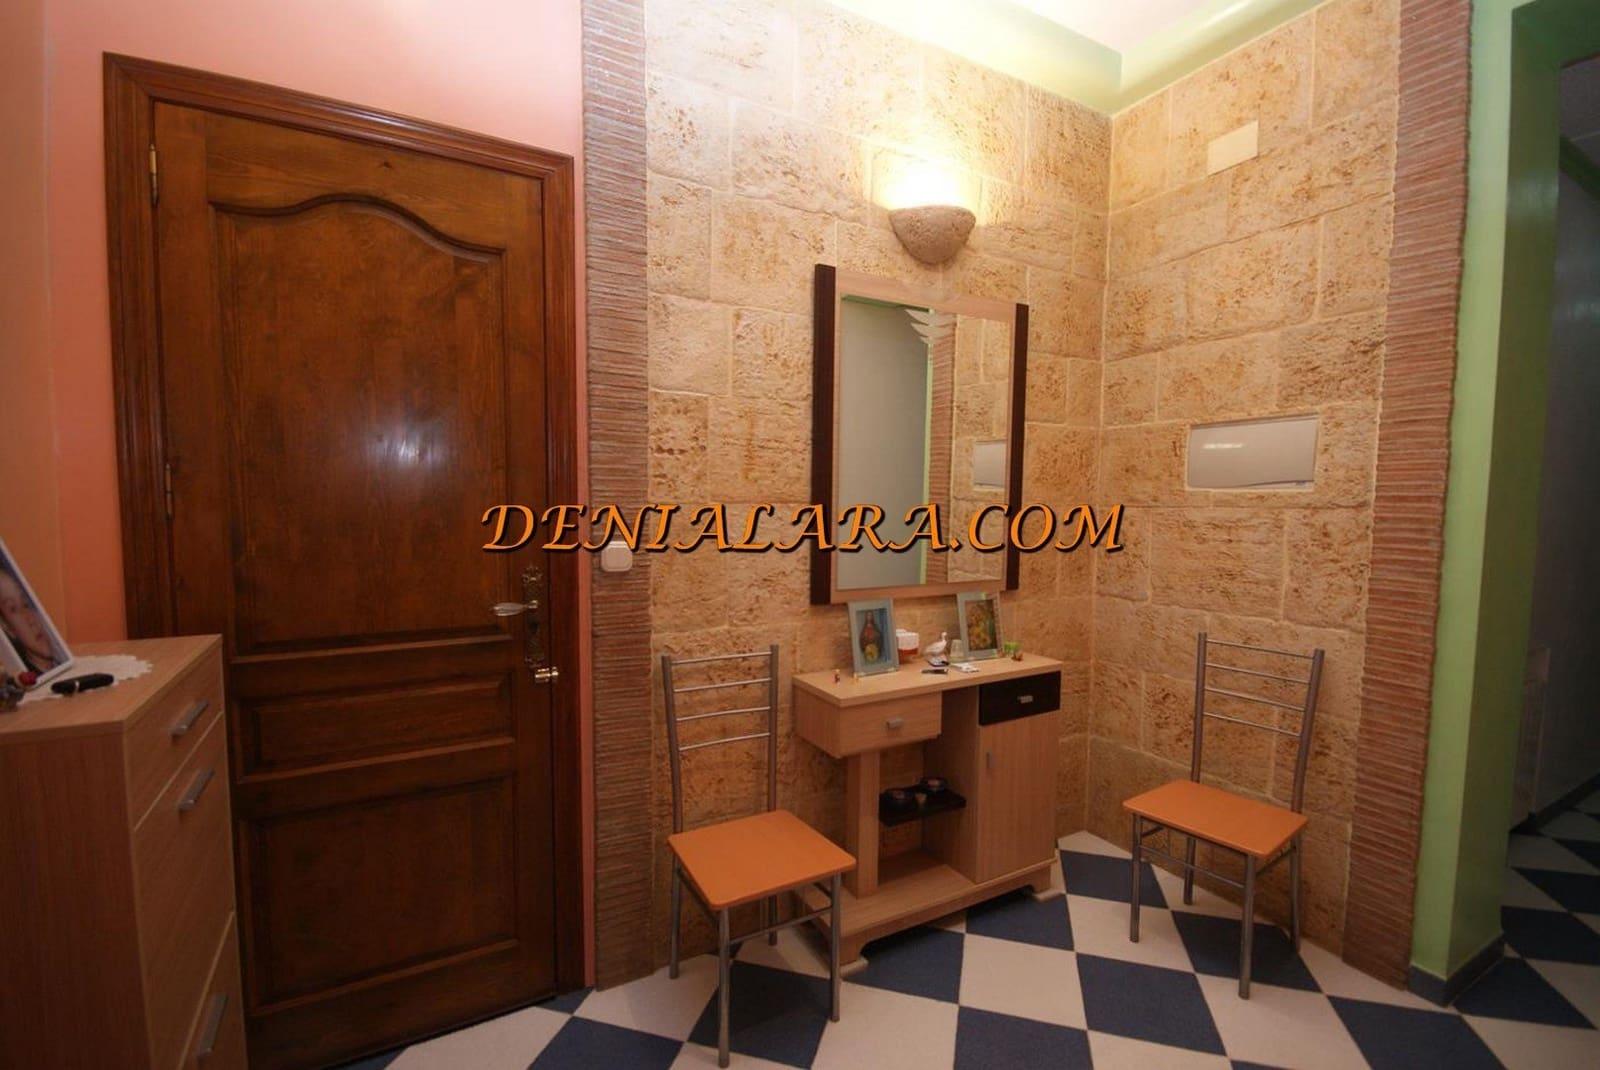 Casa de 2 habitaciones en Ondara en venta - 116.000 € (Ref: 4066805)